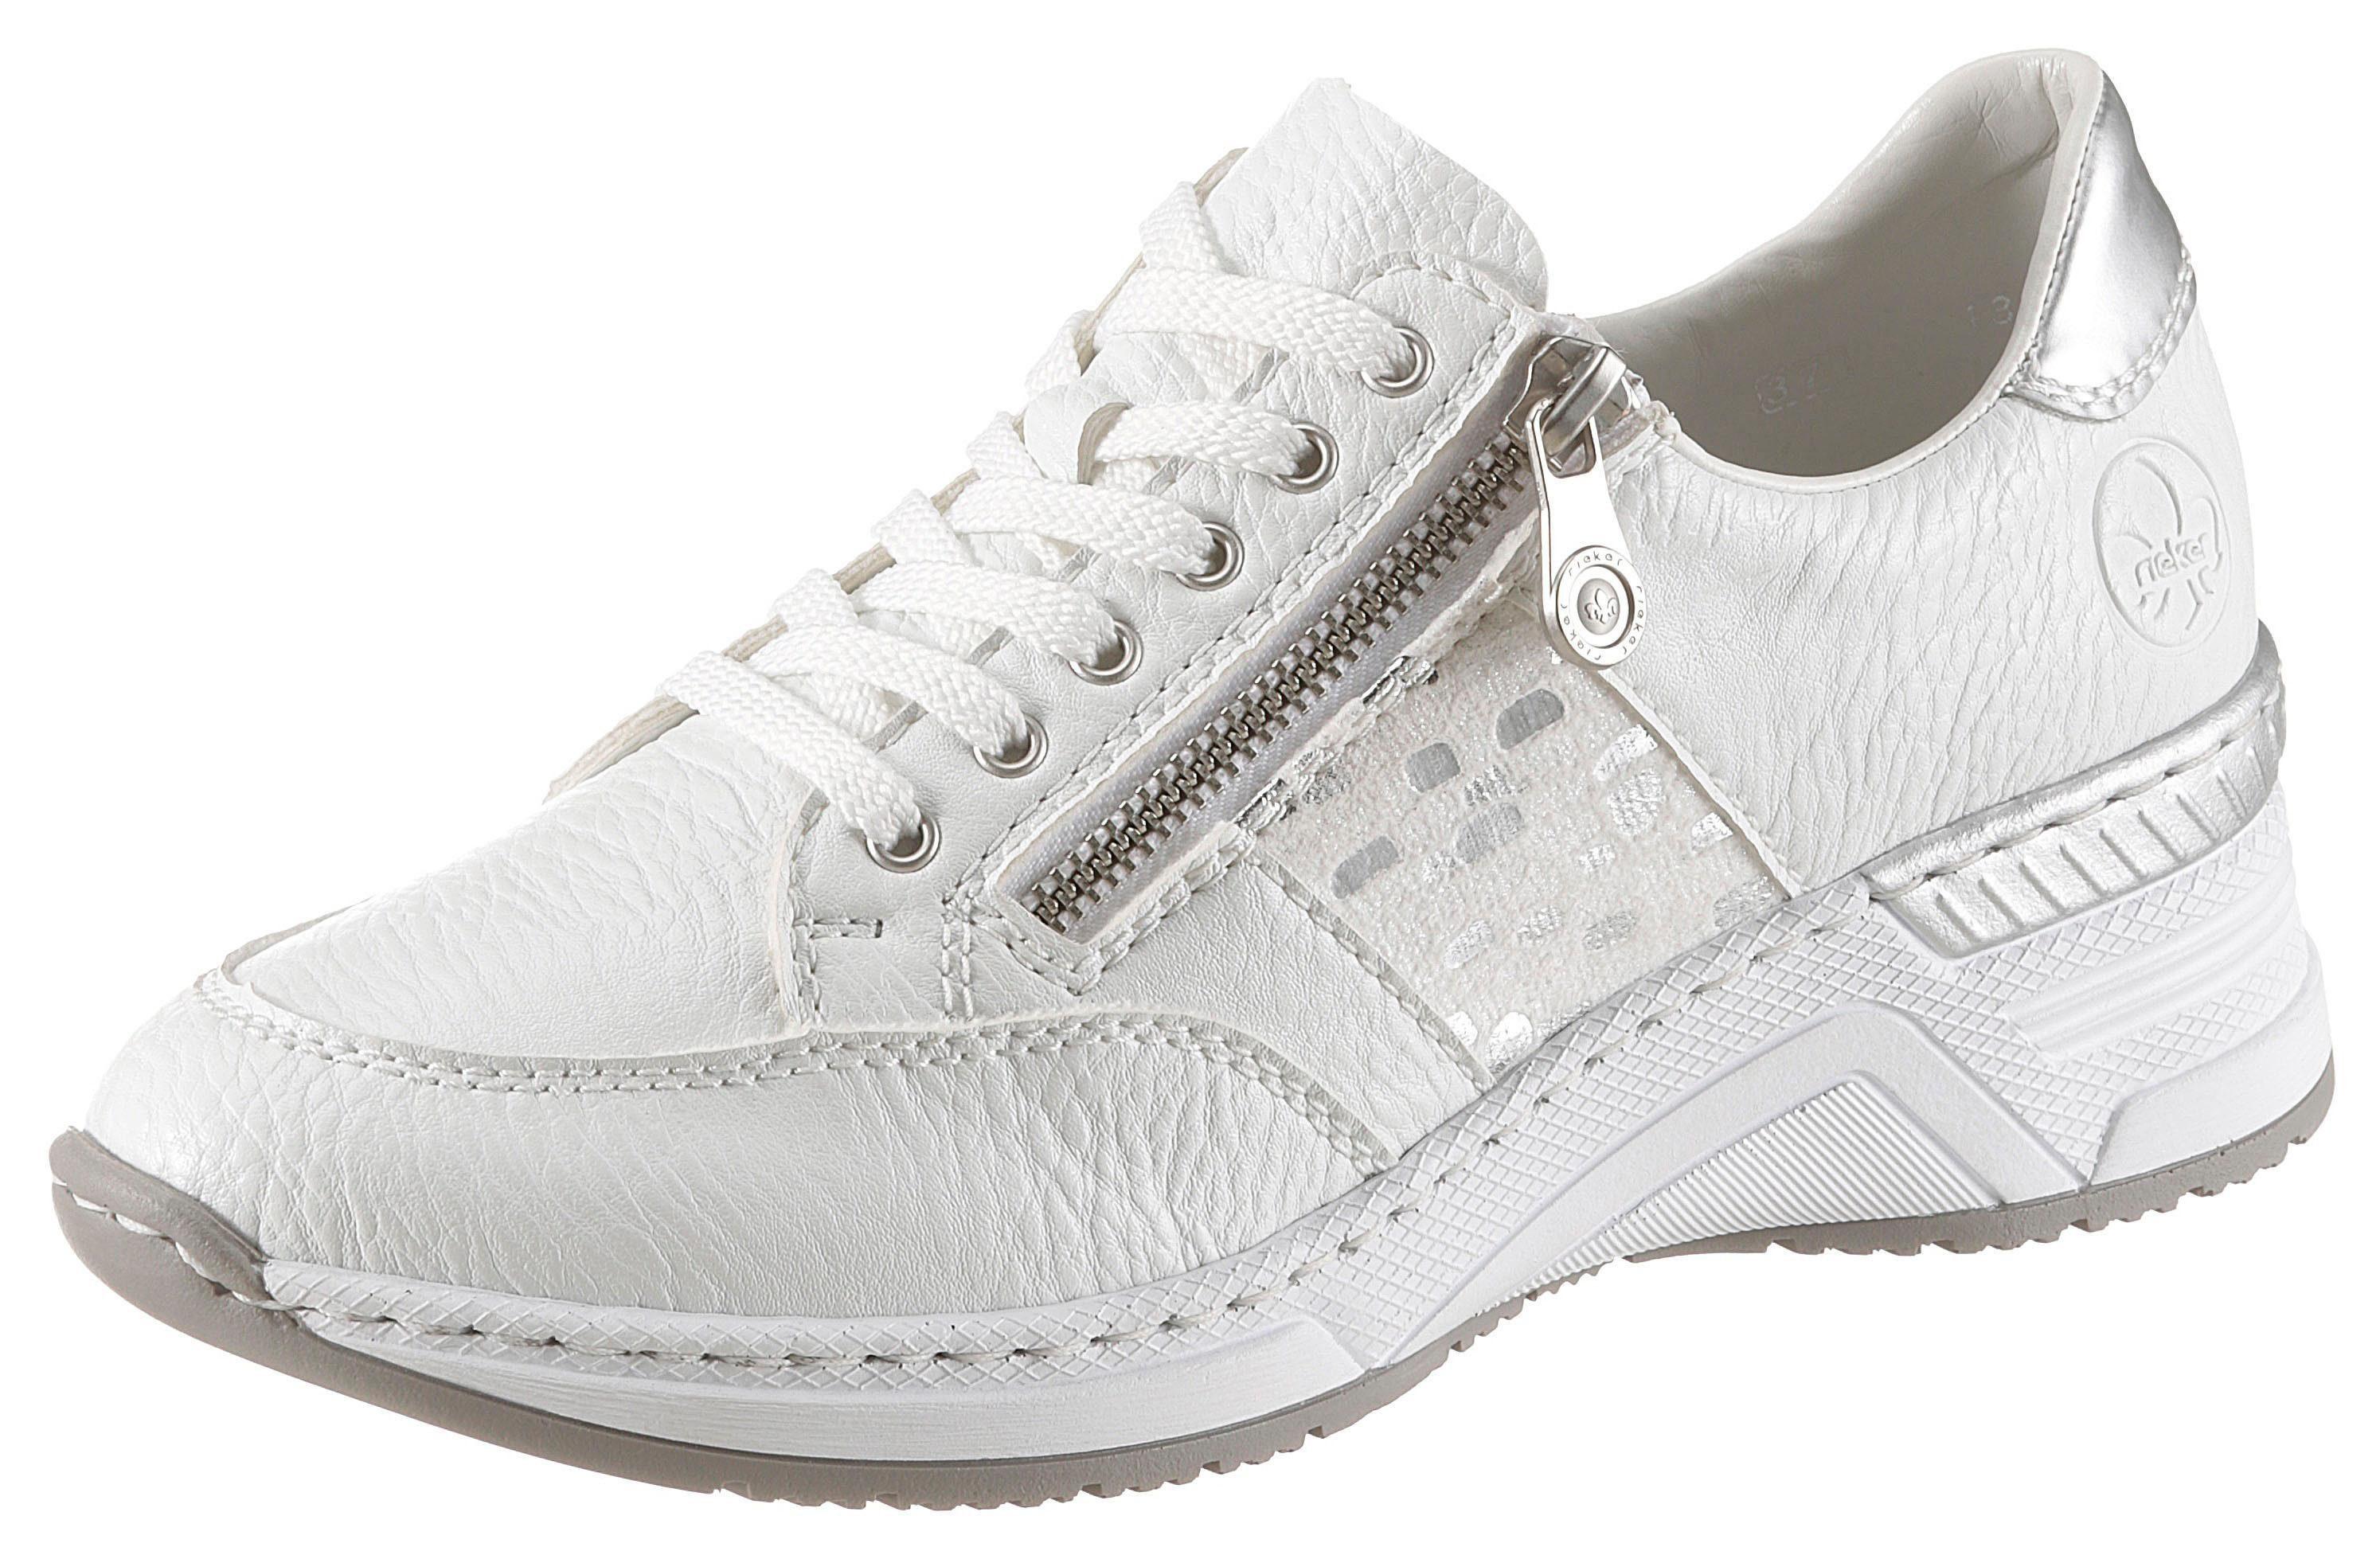 Rieker Schoenen online kopen | Bekijk de collectie | OTTO